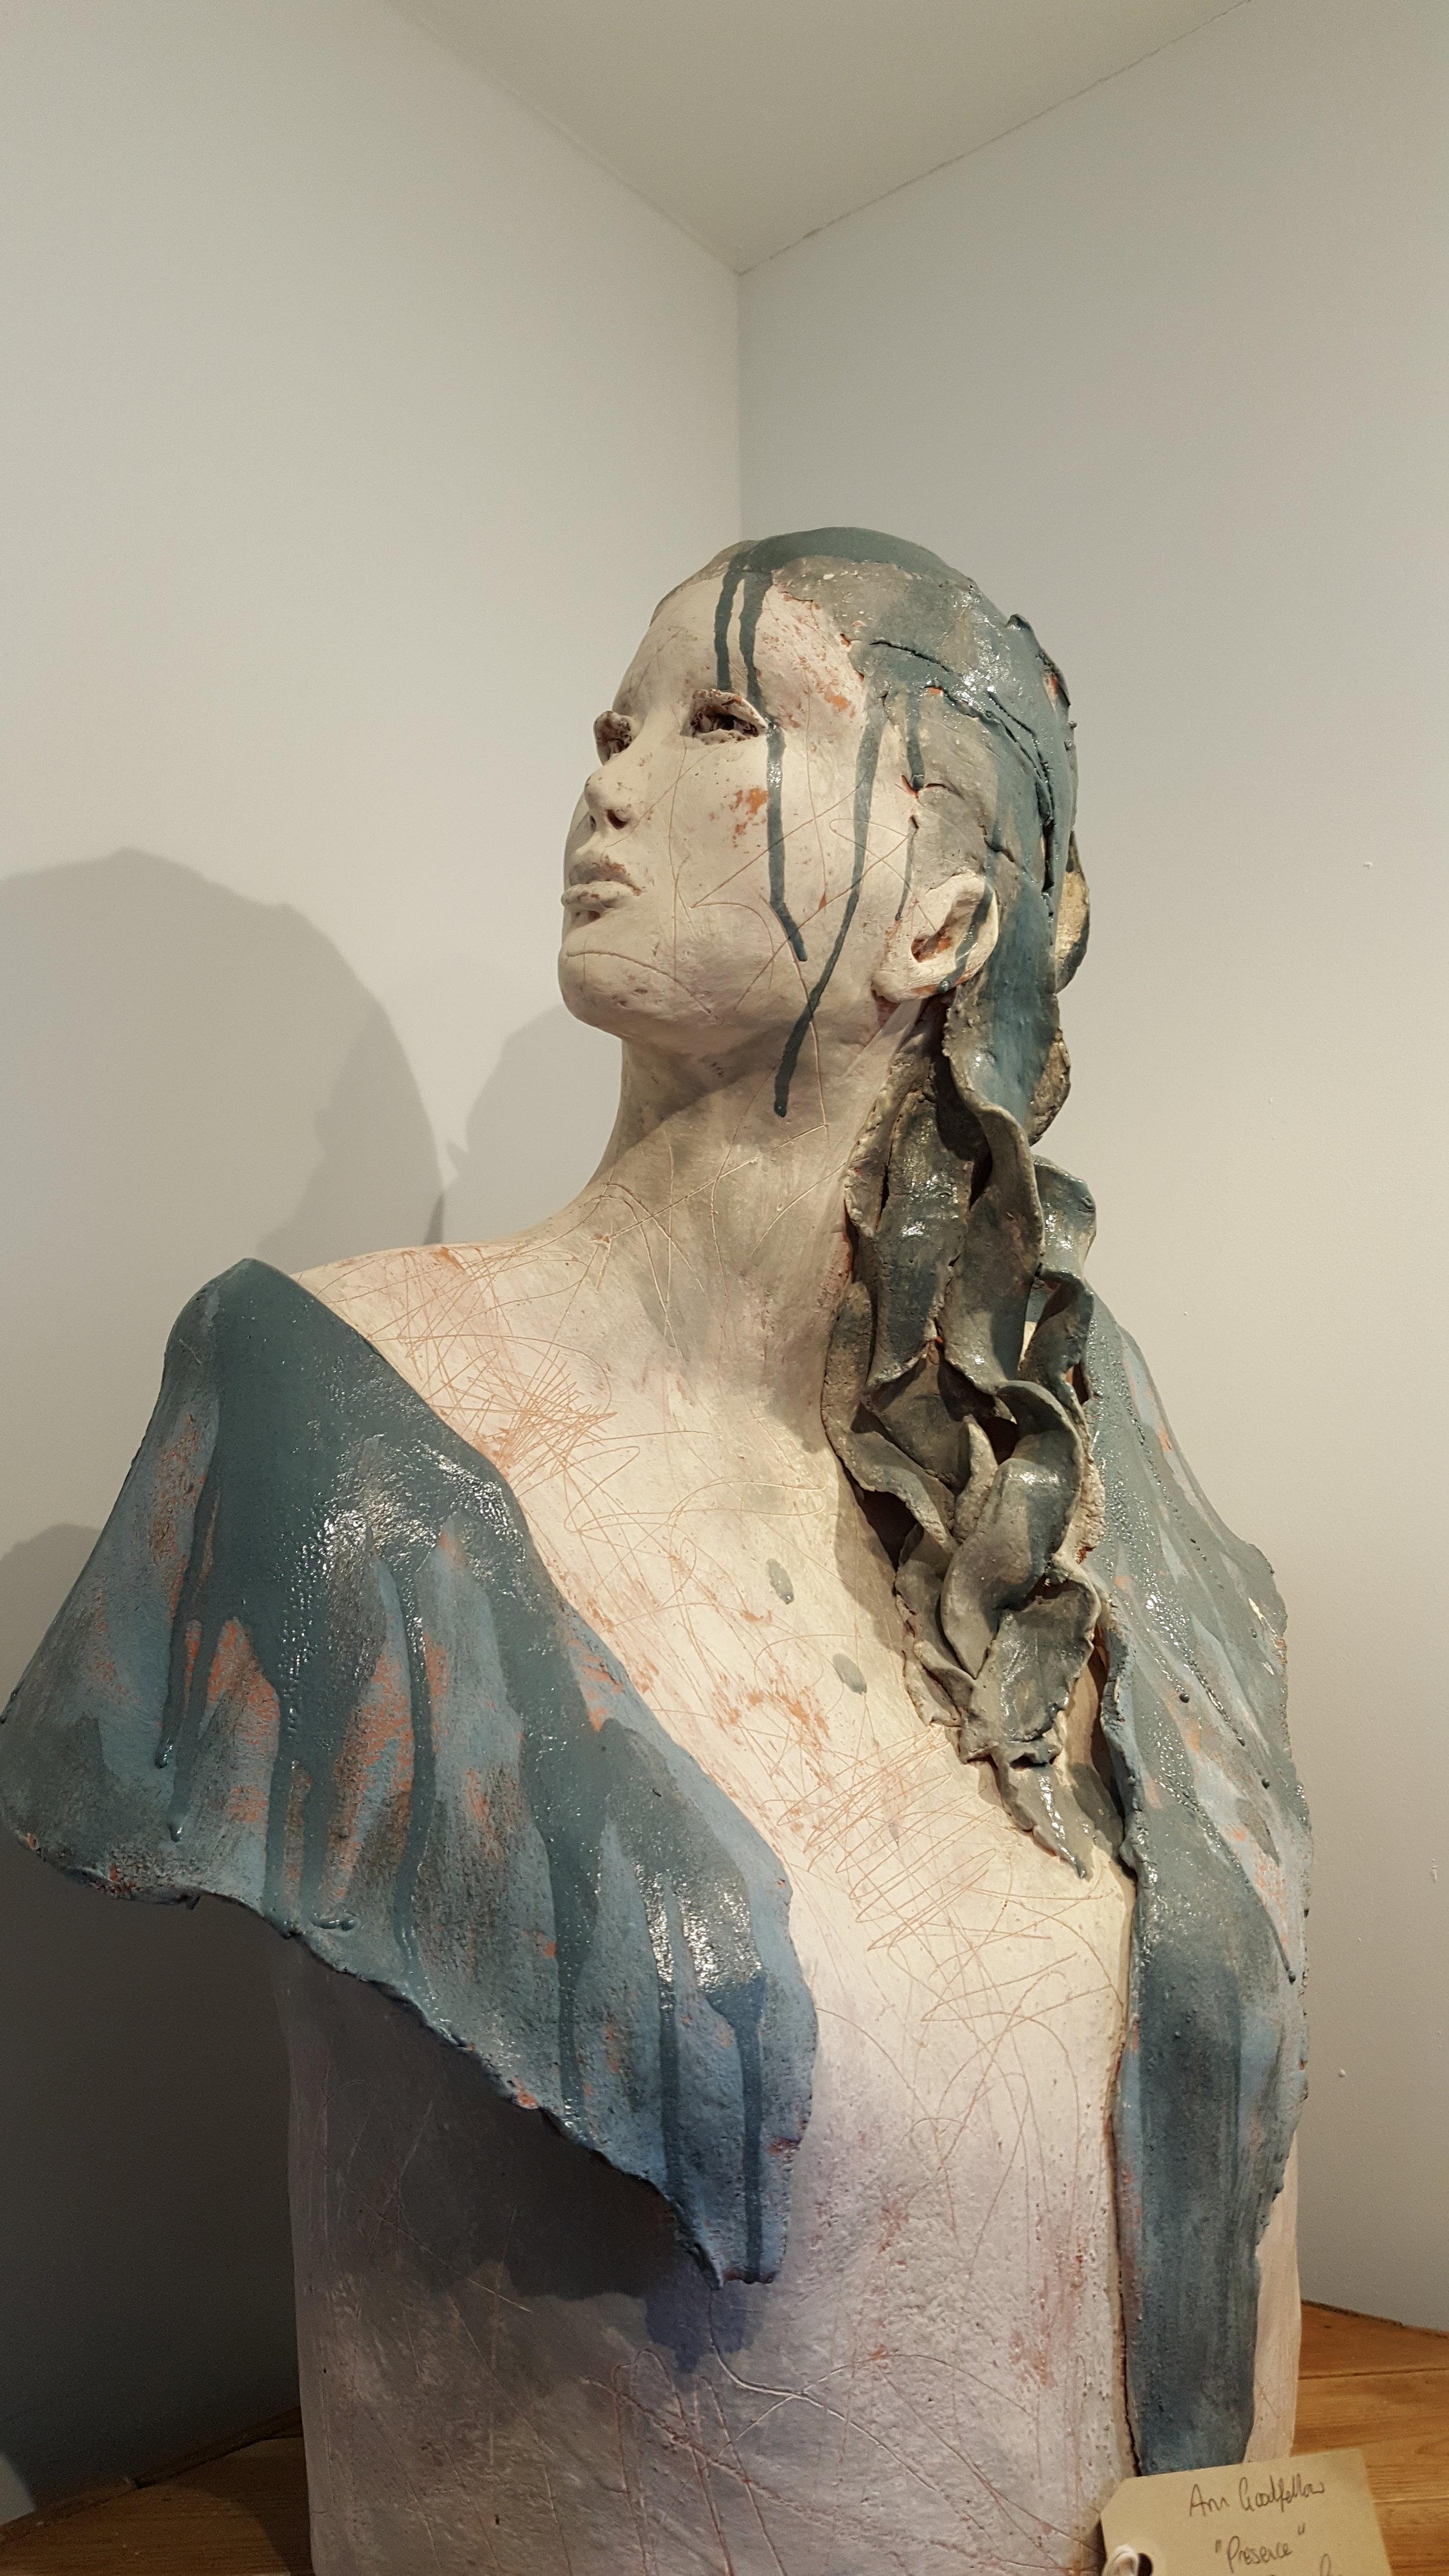 Ann Goodfellow